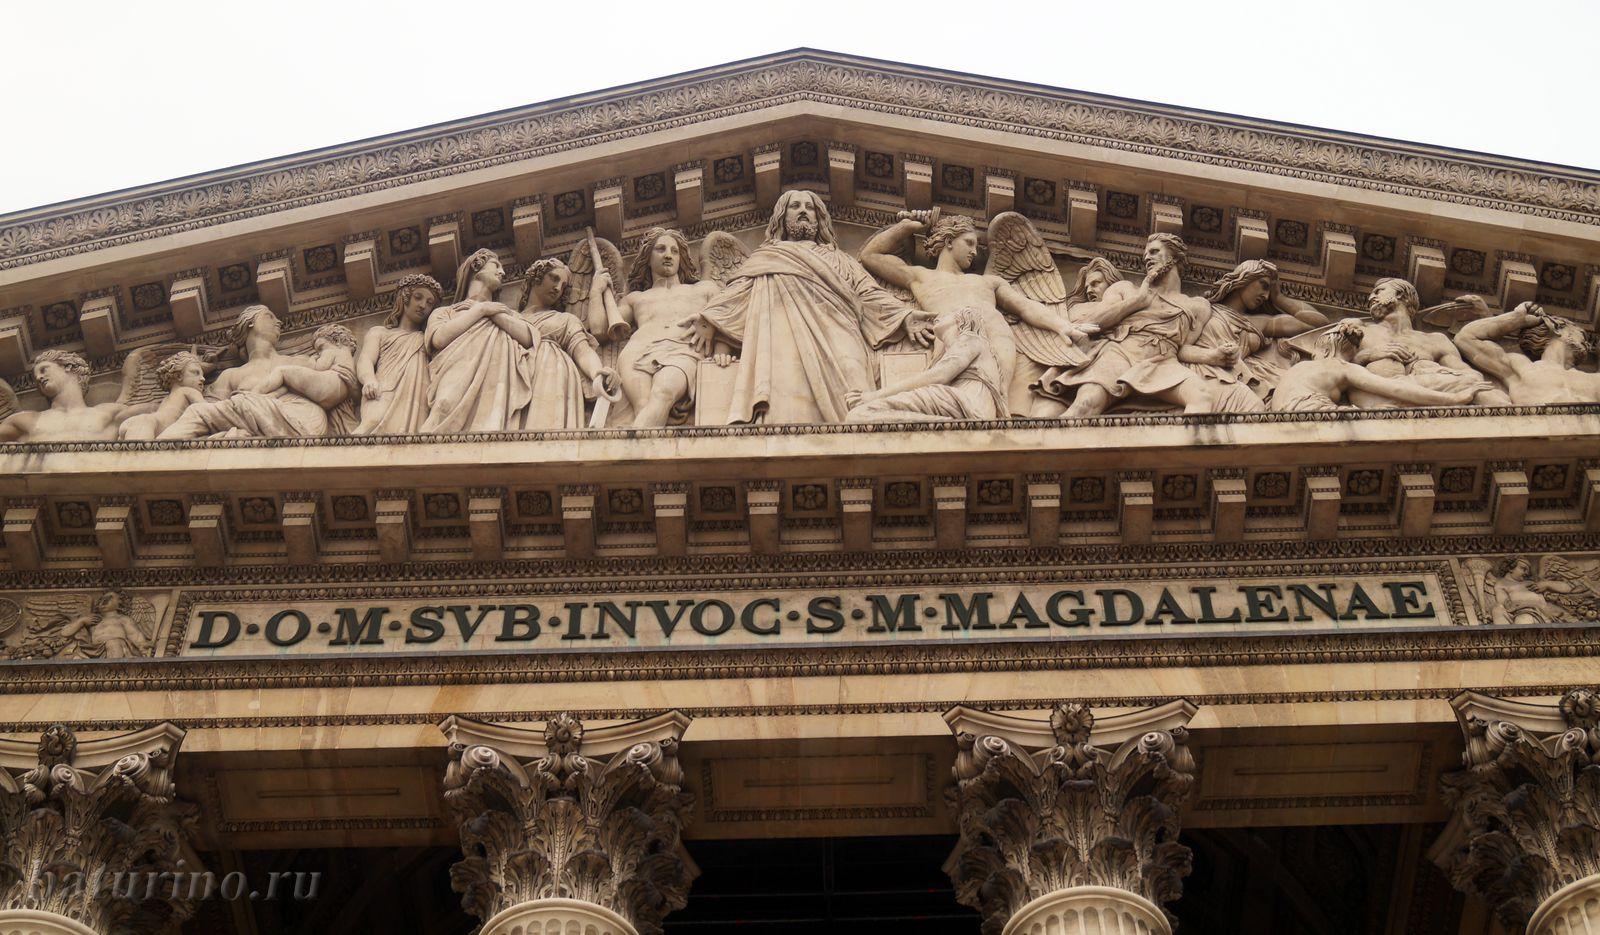 Элементы архитектуры величественного собор св. Марии Магдалины (в самом центре Парижа)